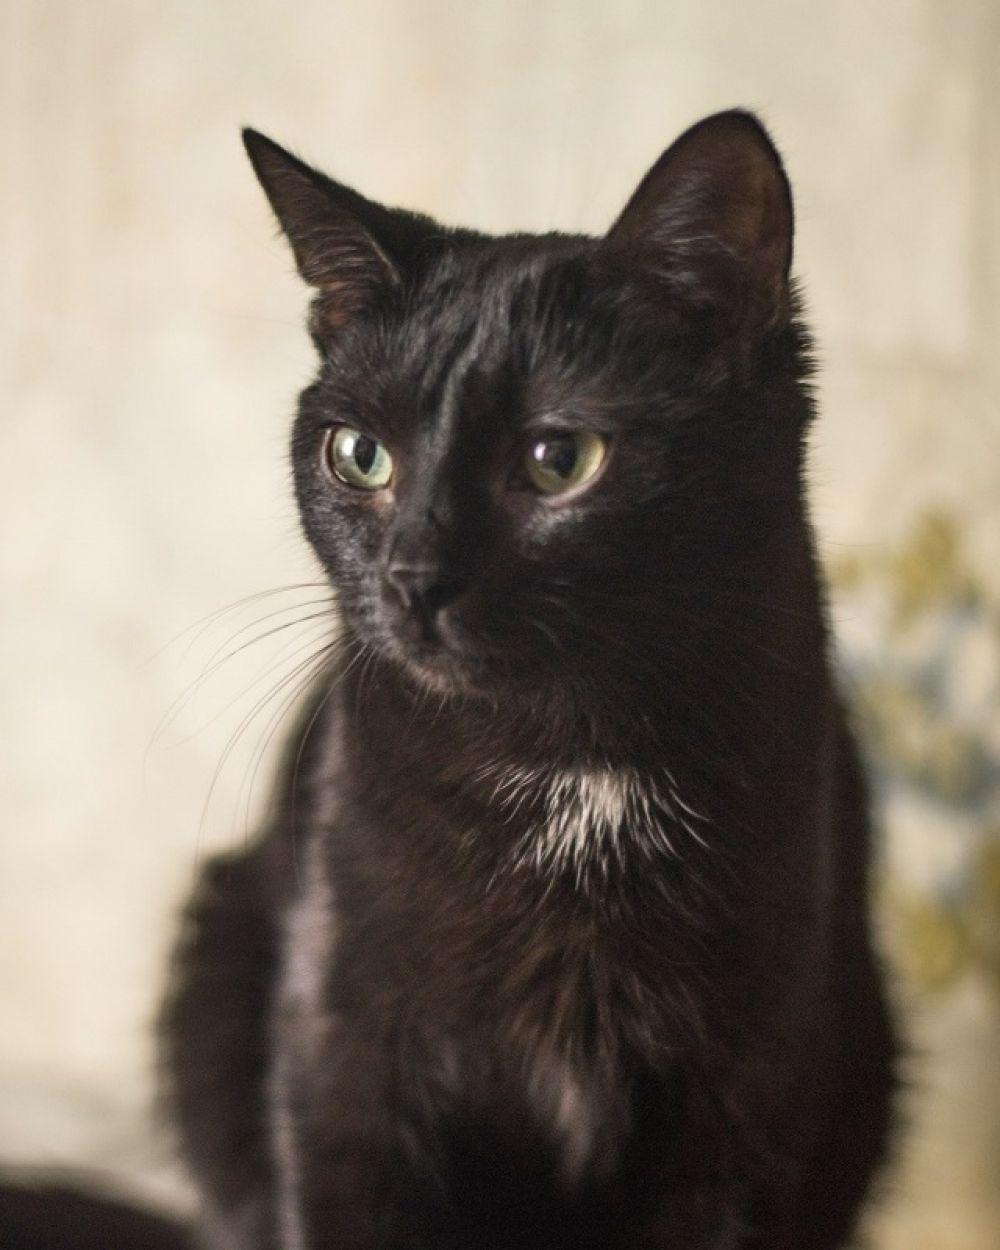 Багирка. Один год, лоток знает хорошо, неконфликтная гладкошерстная кошка.